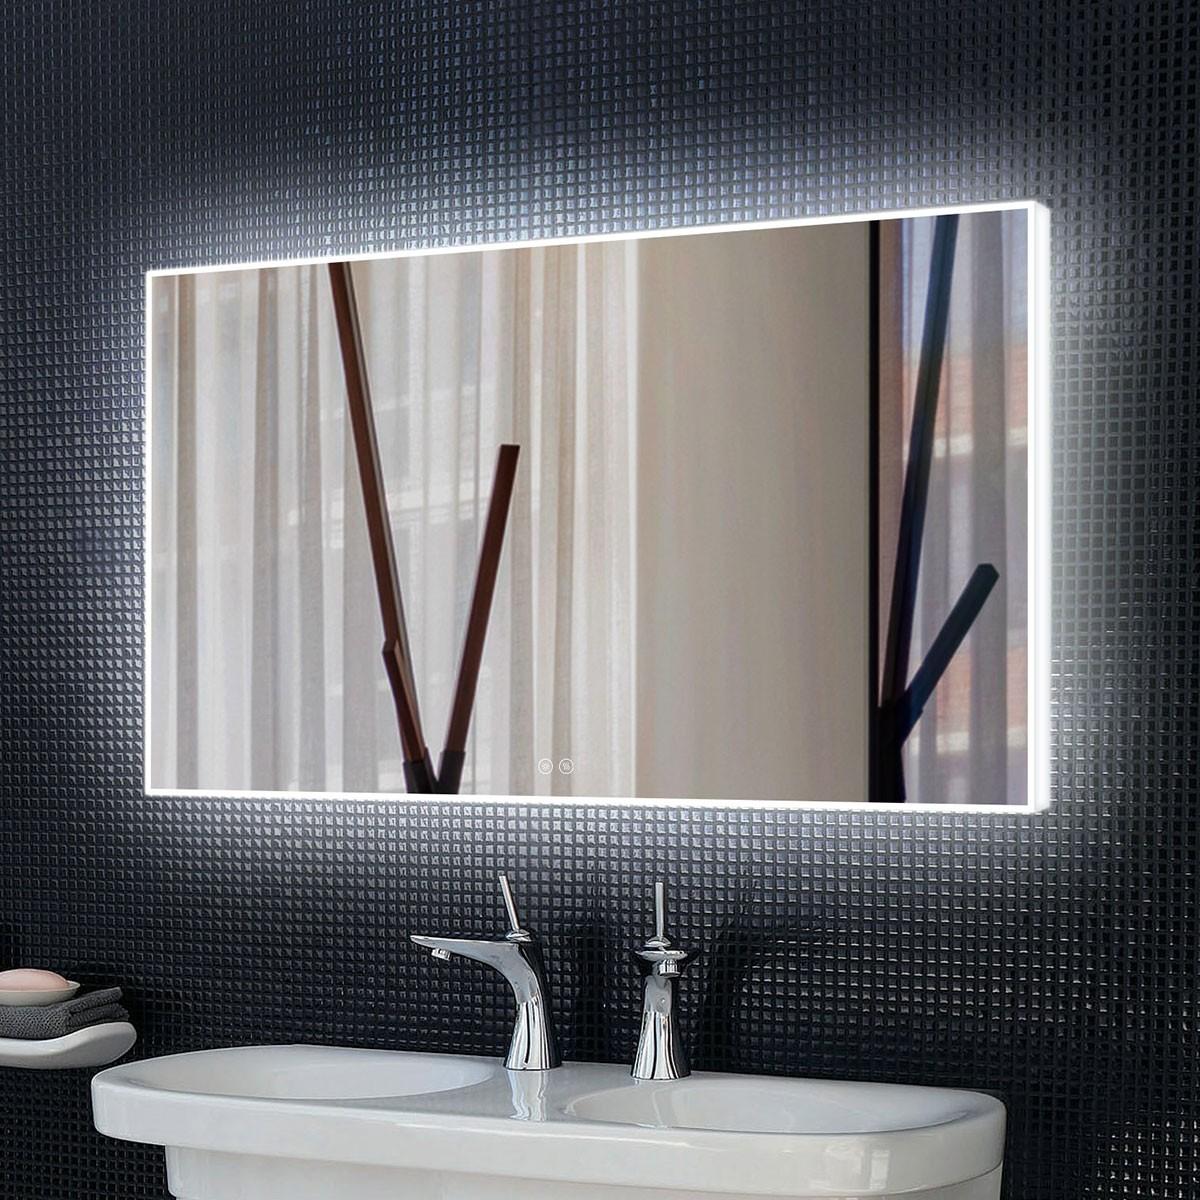 DECORAPORT 60 x 36 Po Miroir de Salle de Bain LED avec Bouton Tactile, Anti-Buée, Luminosité Réglable, Bluetooth, Montage Vertical & Horizontal (D421-6036A)